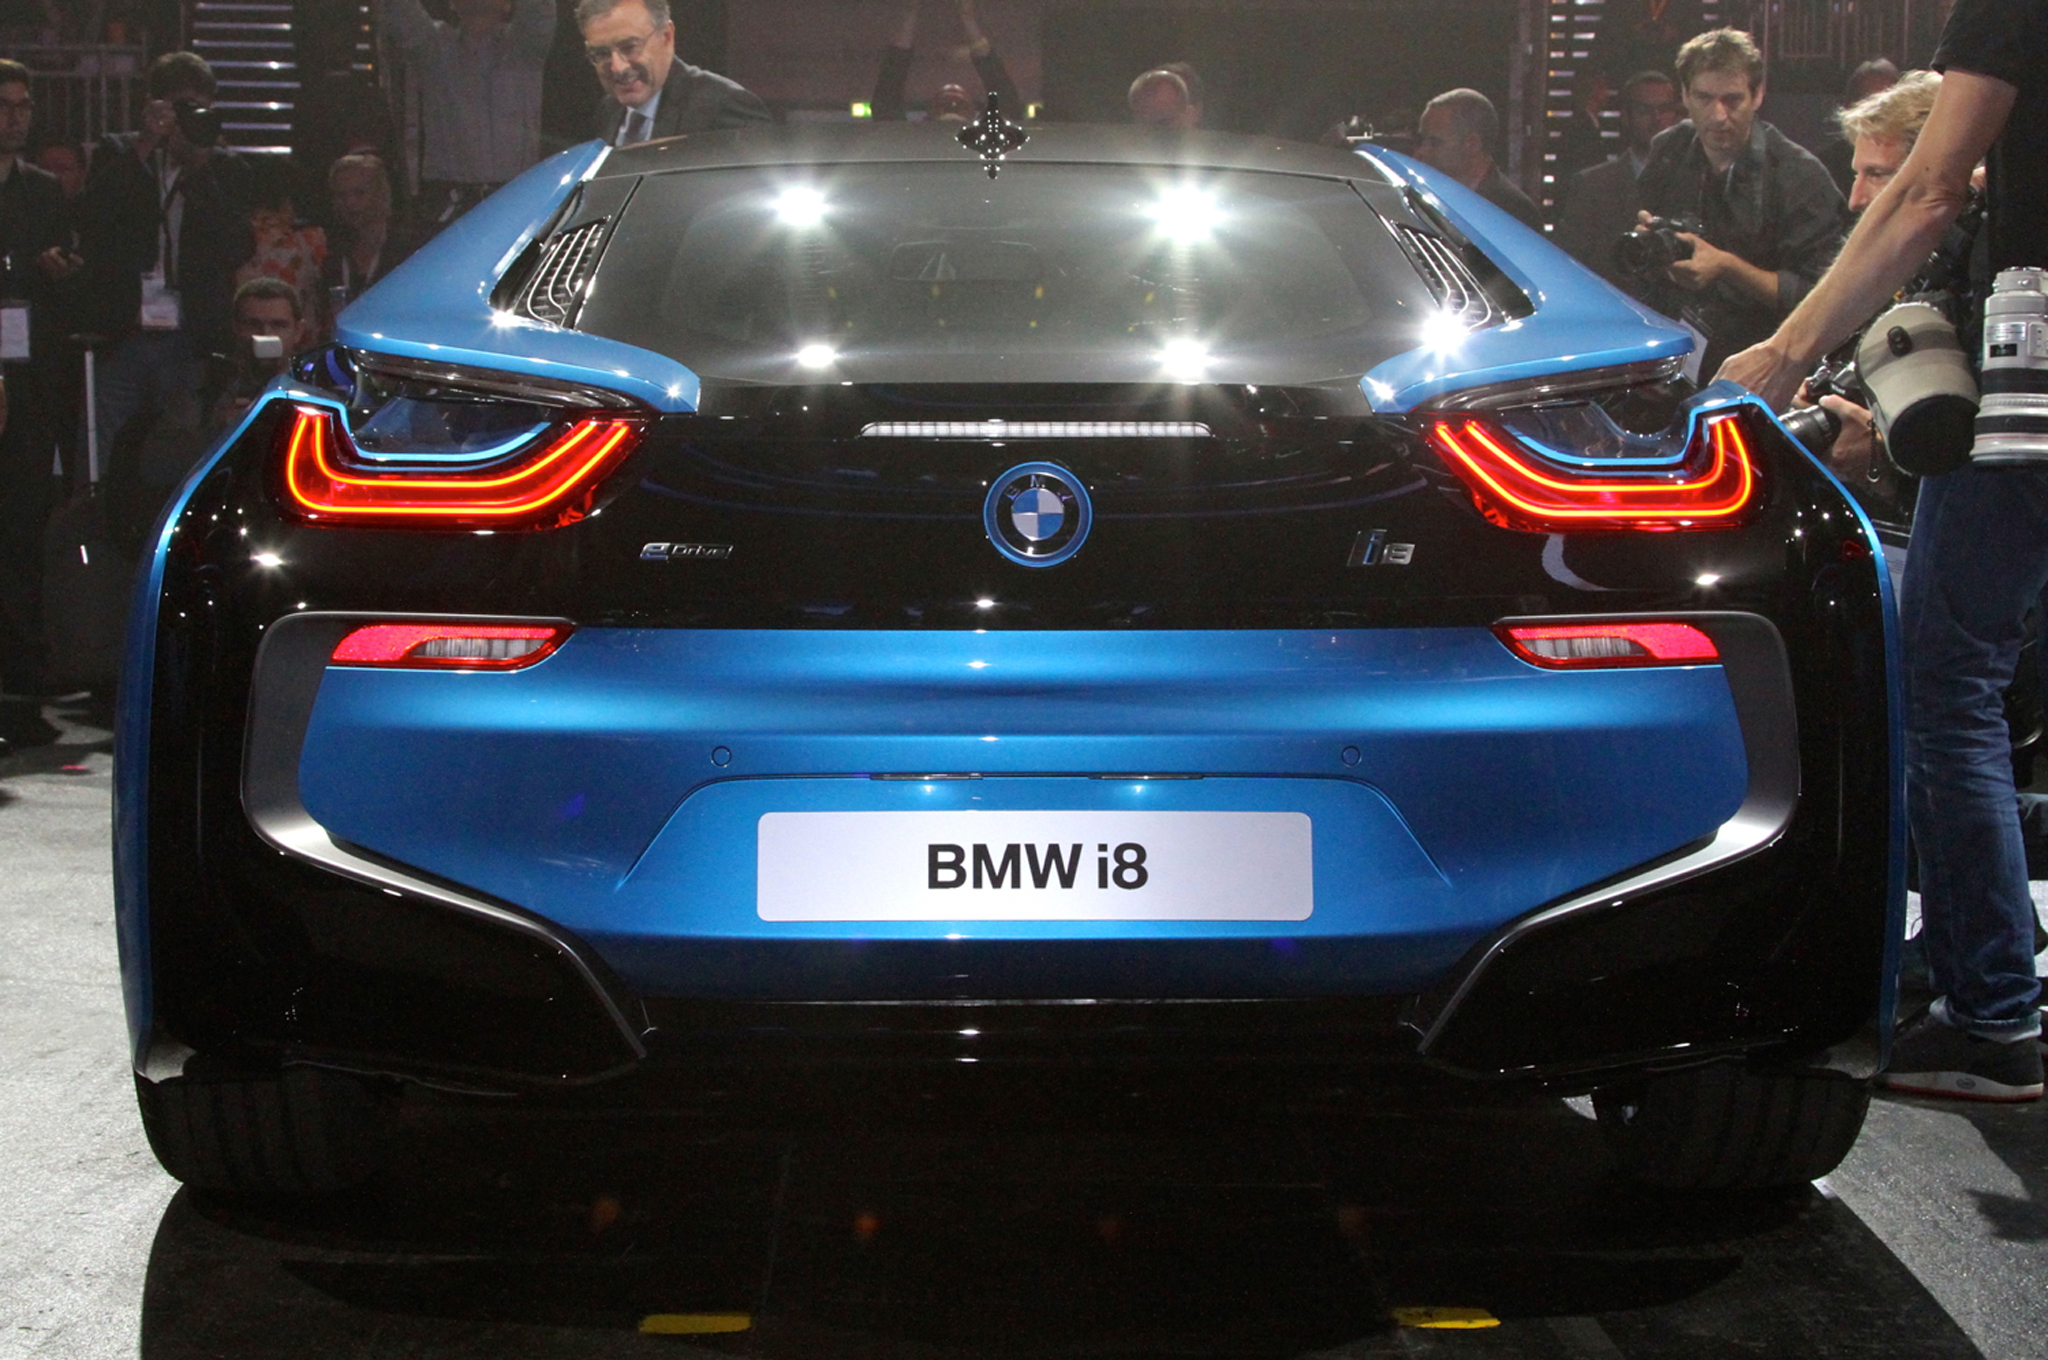 2014 BMW i8 plug in hybrid rear end